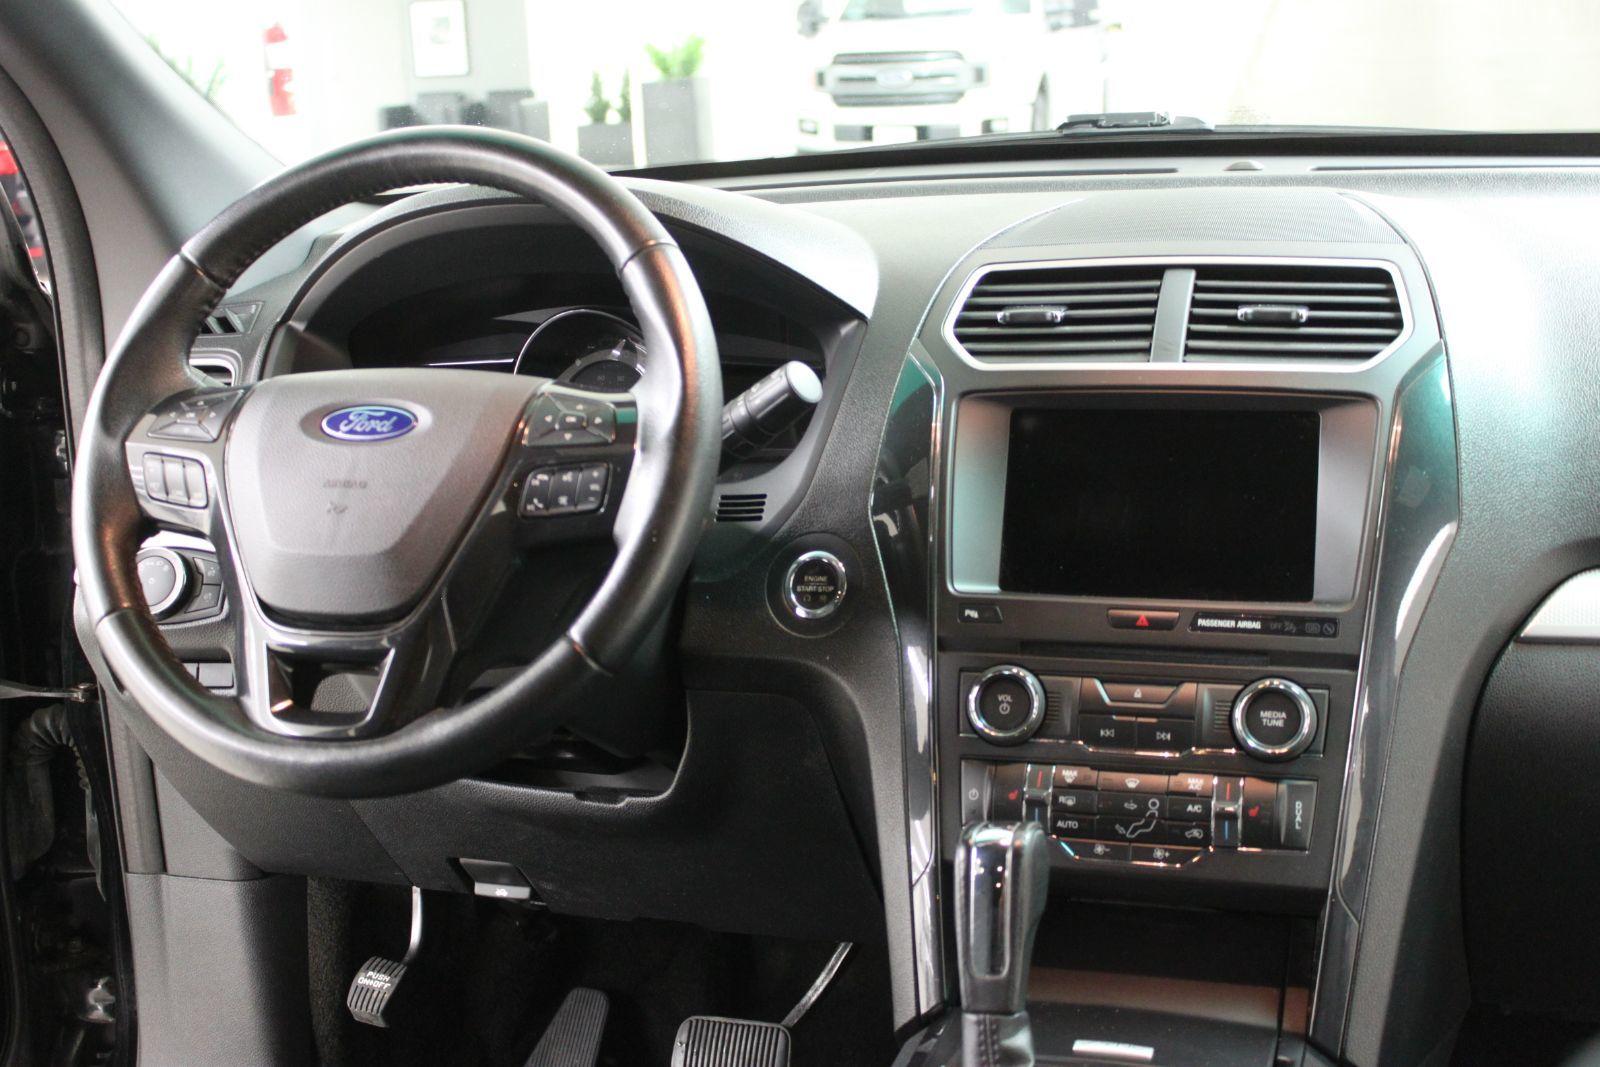 2017 Ford Explorer complet